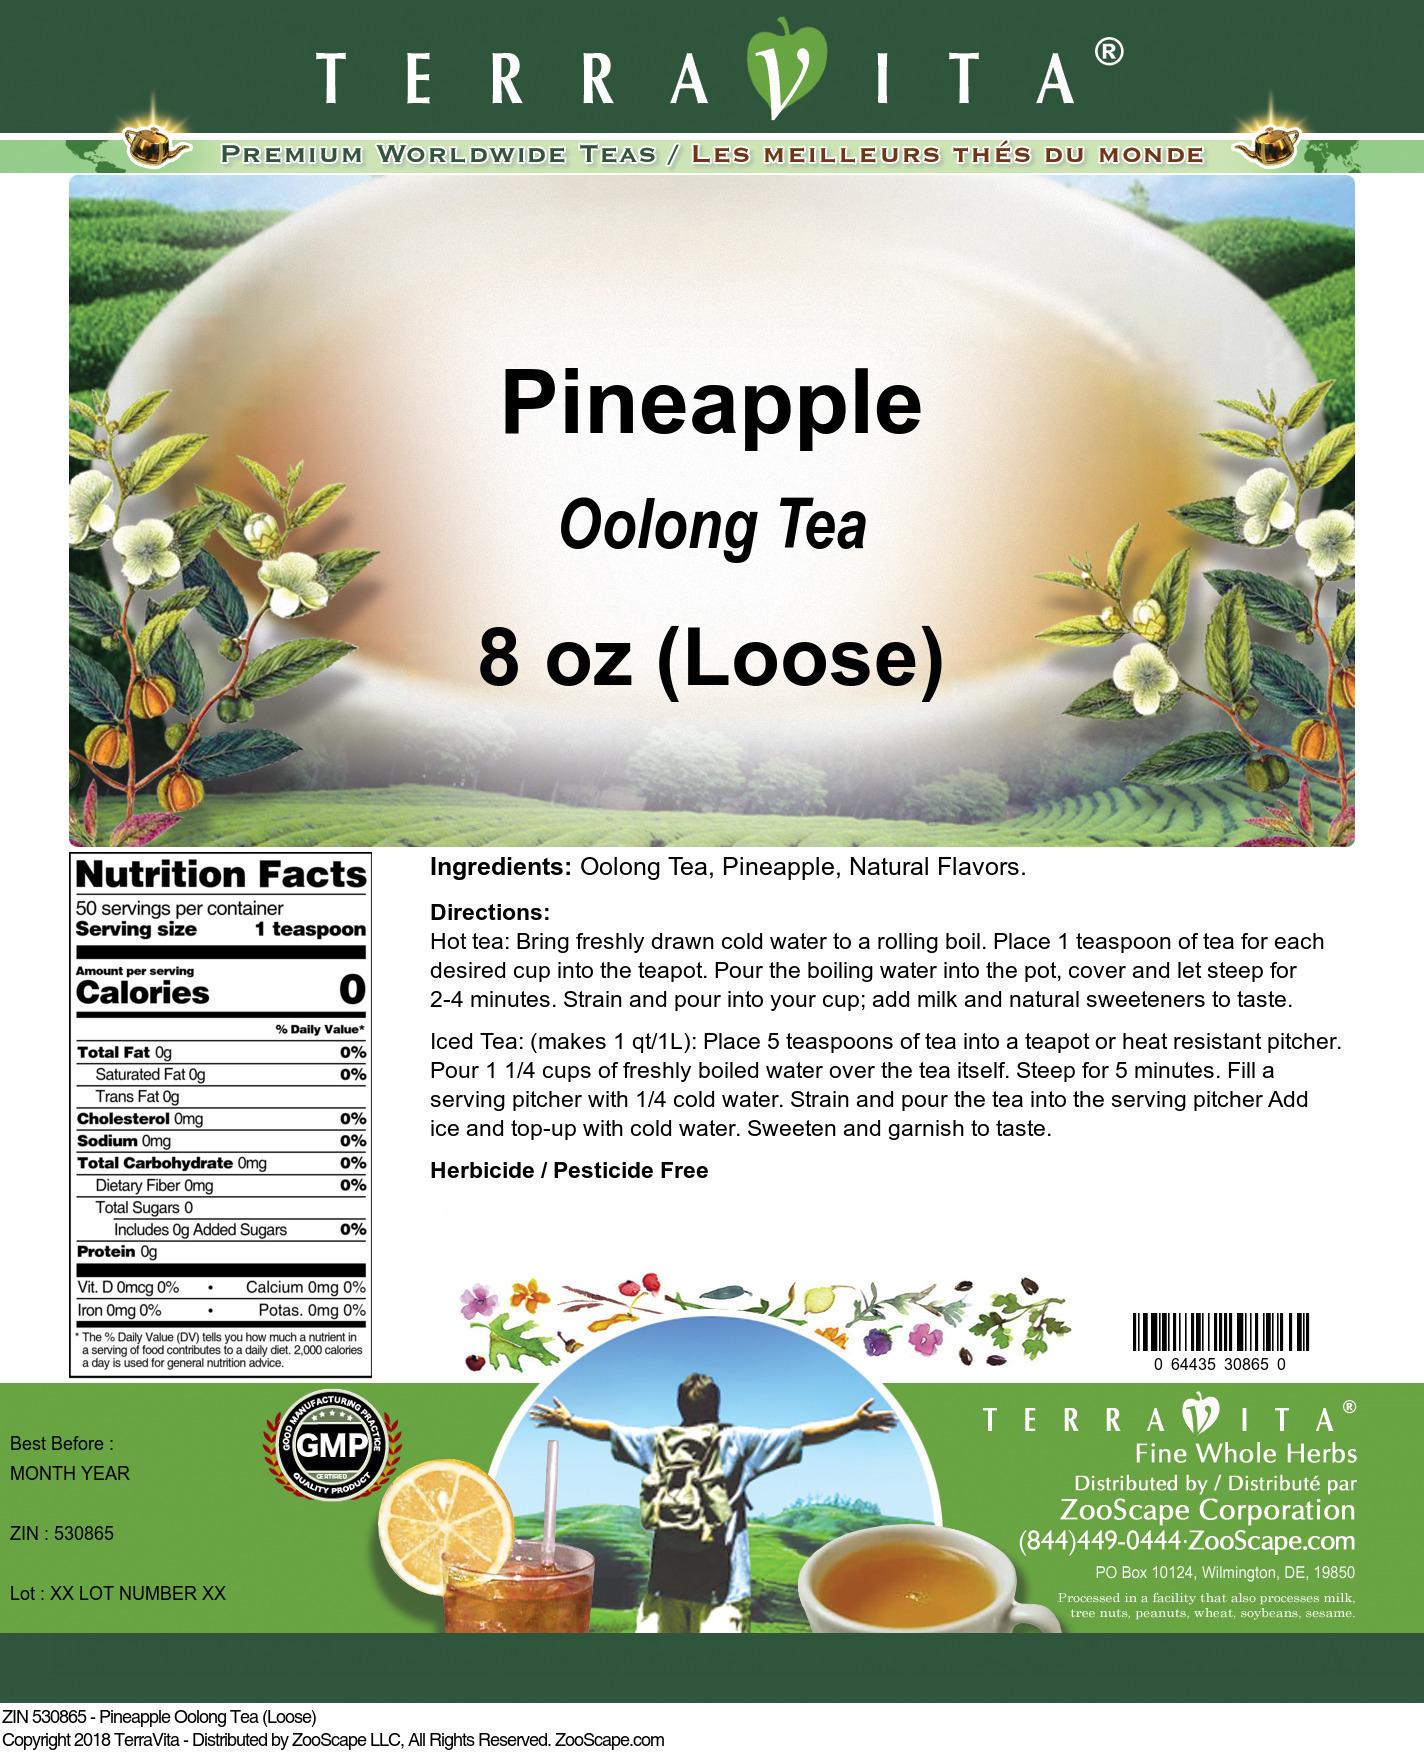 Pineapple Oolong Tea